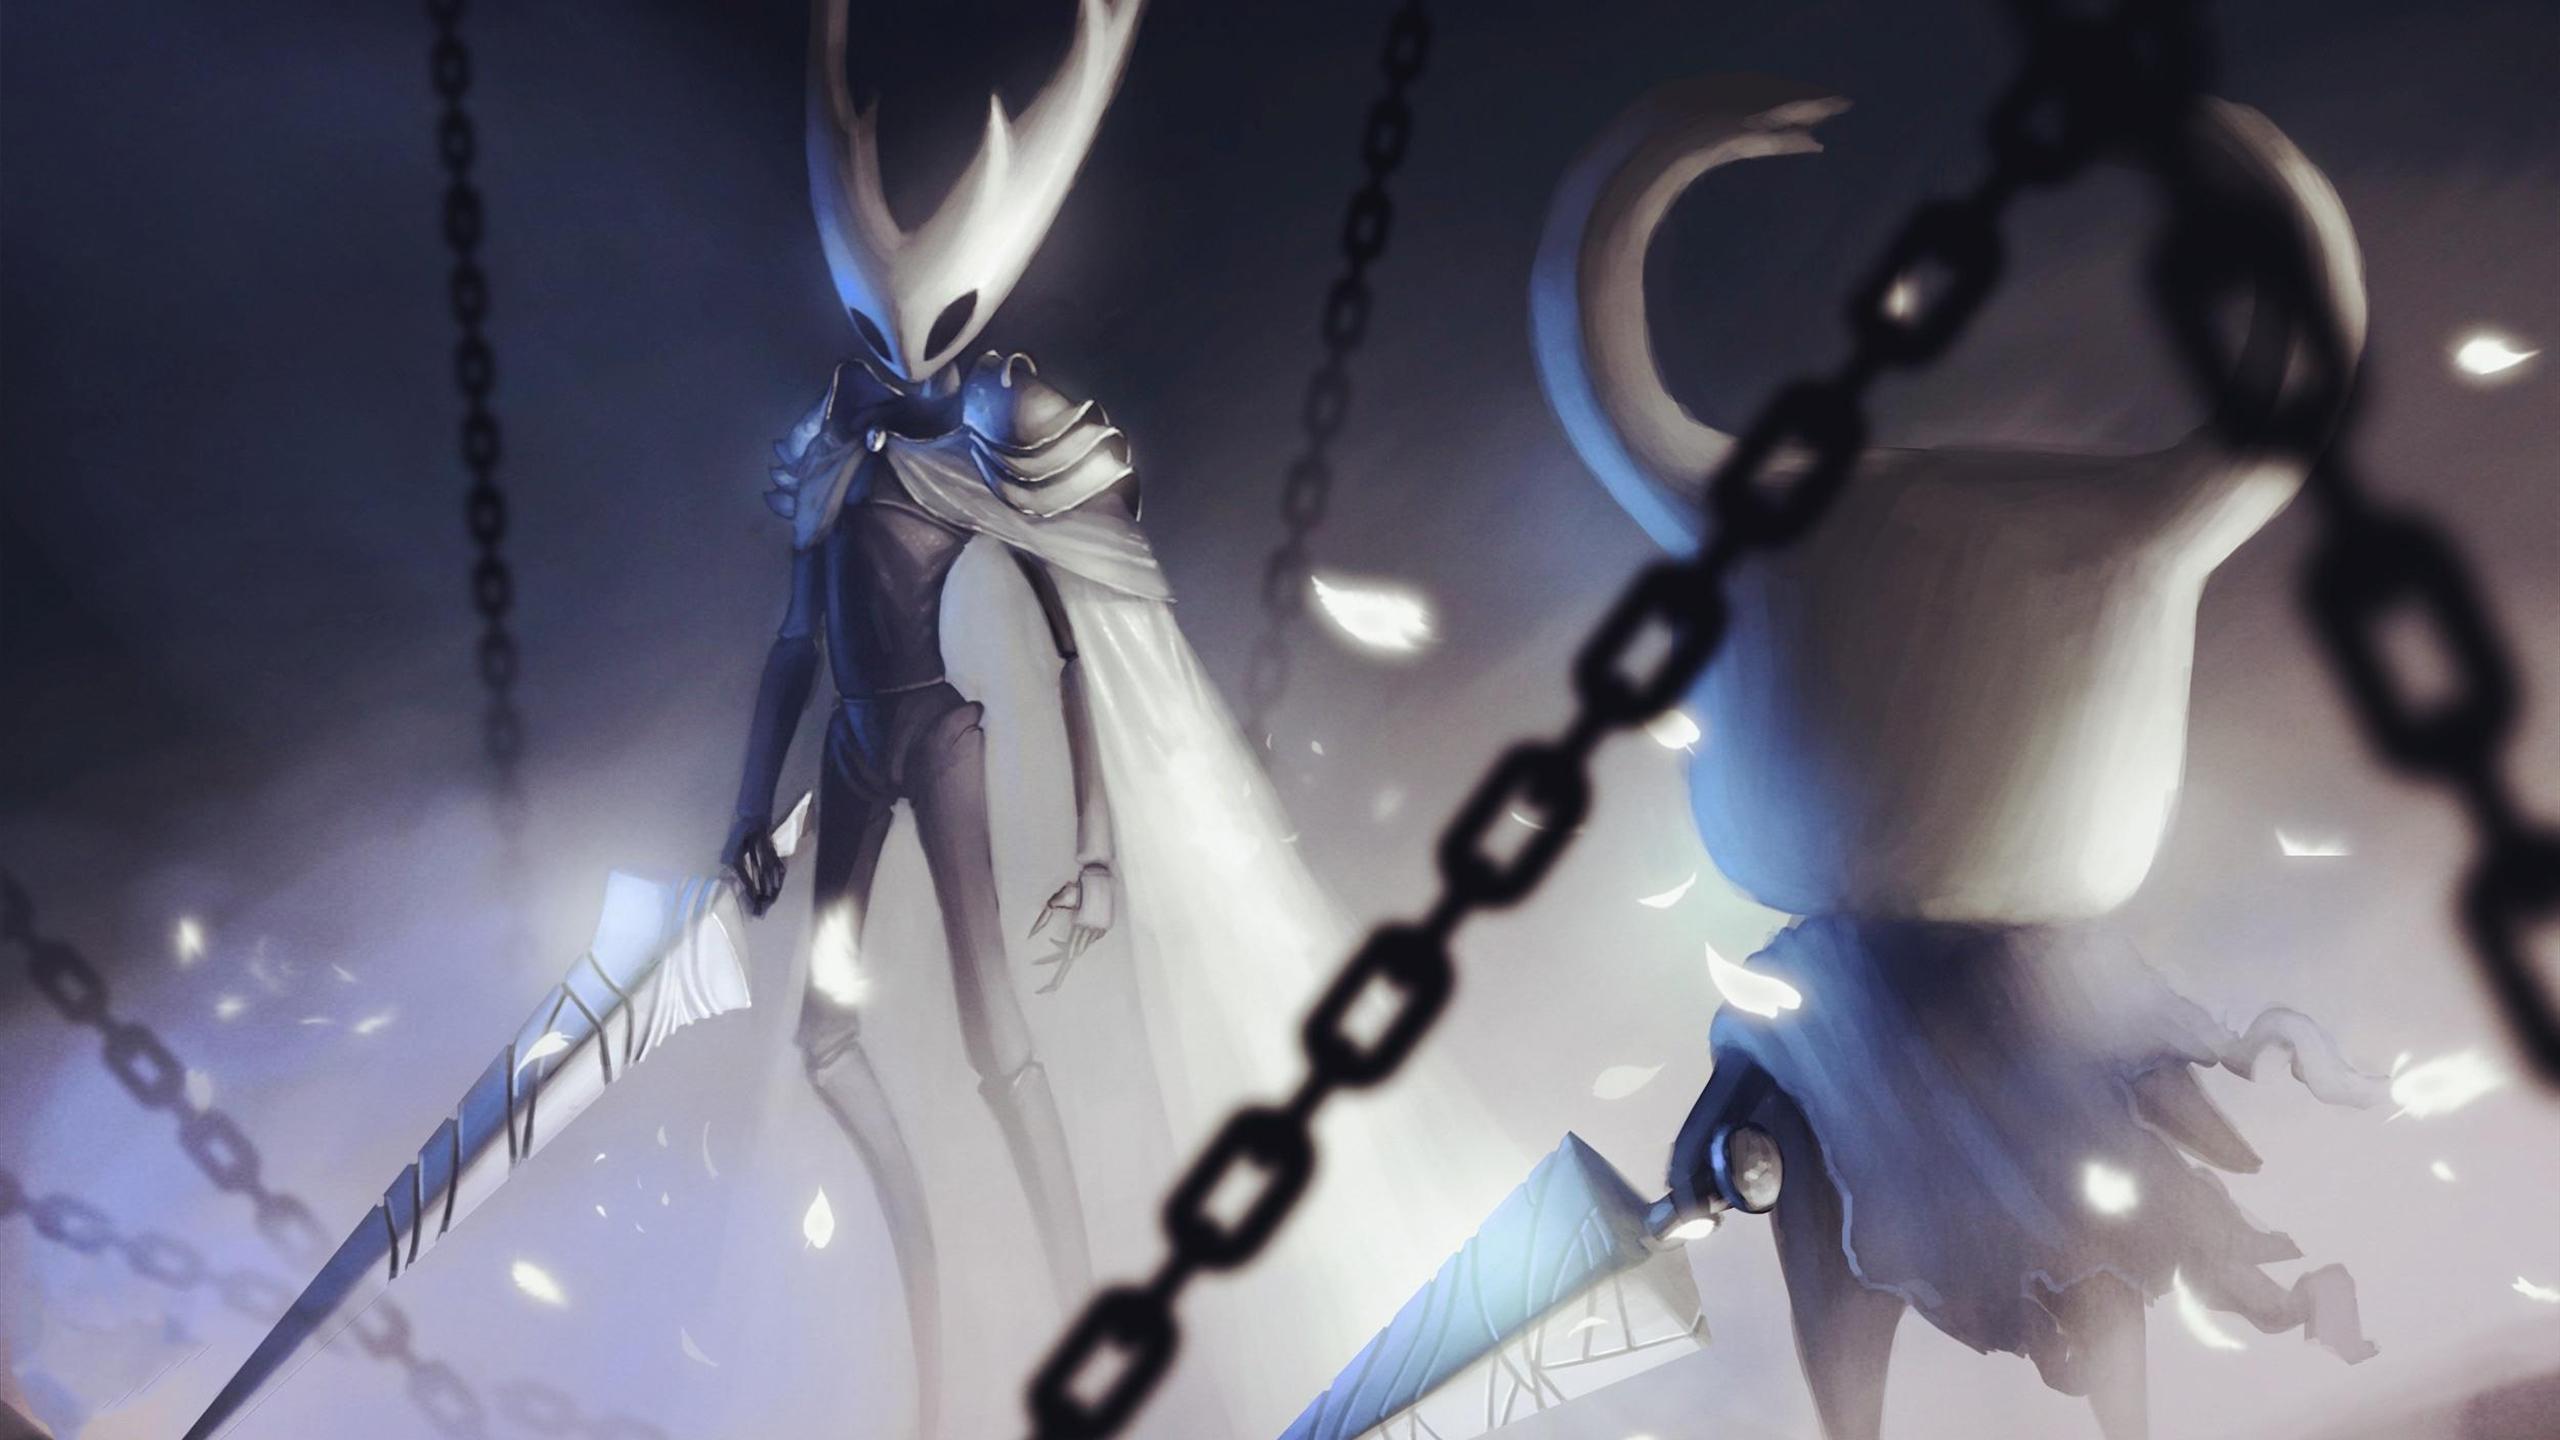 游戏壁纸,主机游戏,空洞骑士,锁链